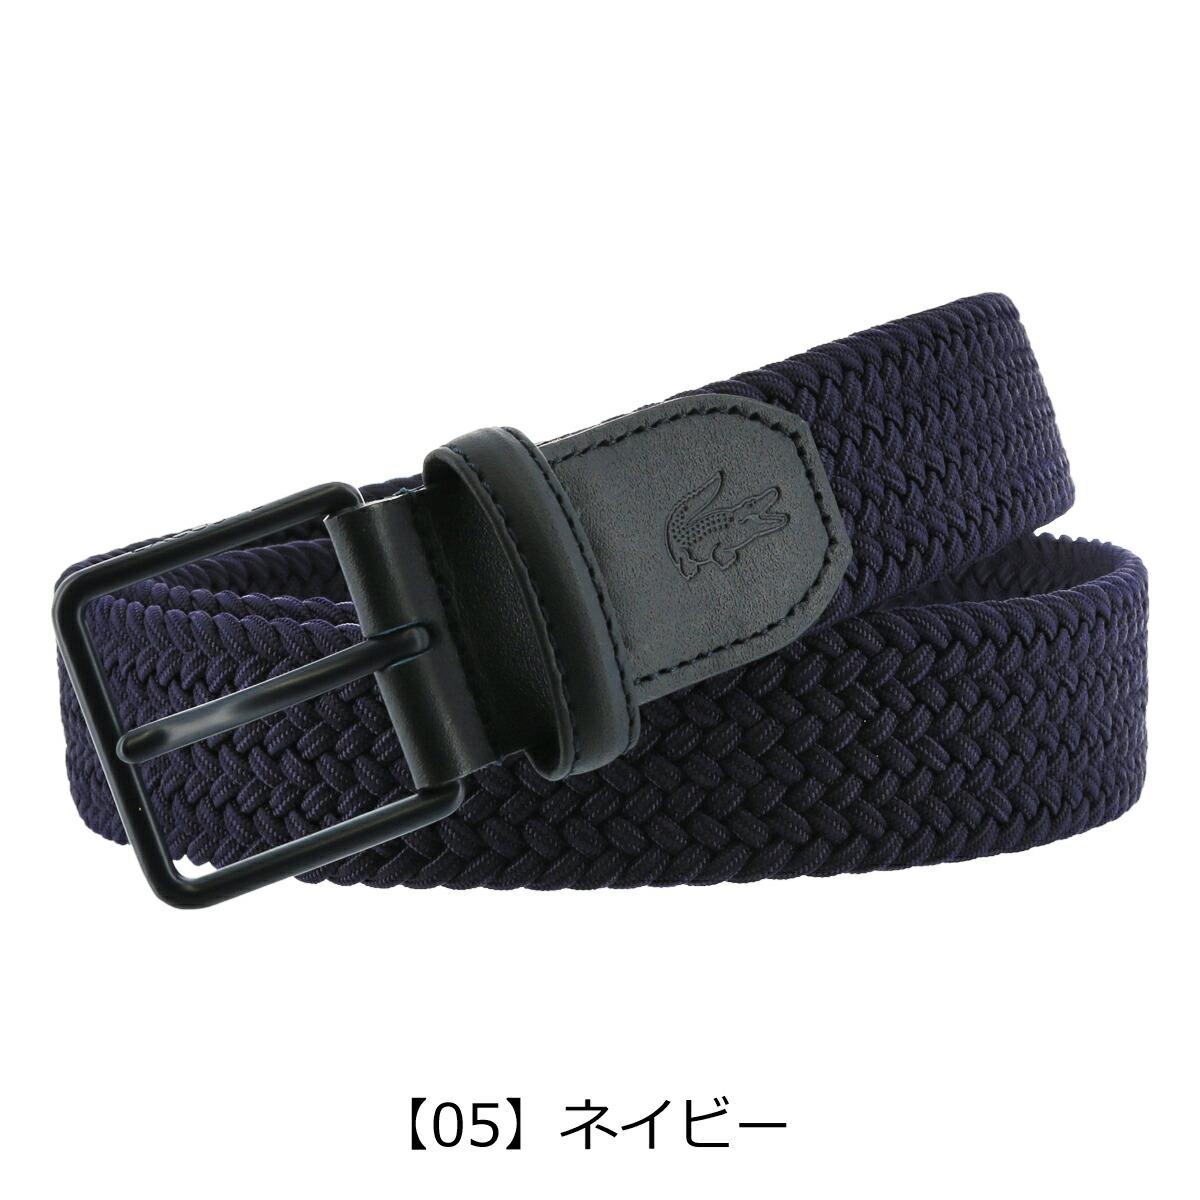 【05】ネイビー(コン)